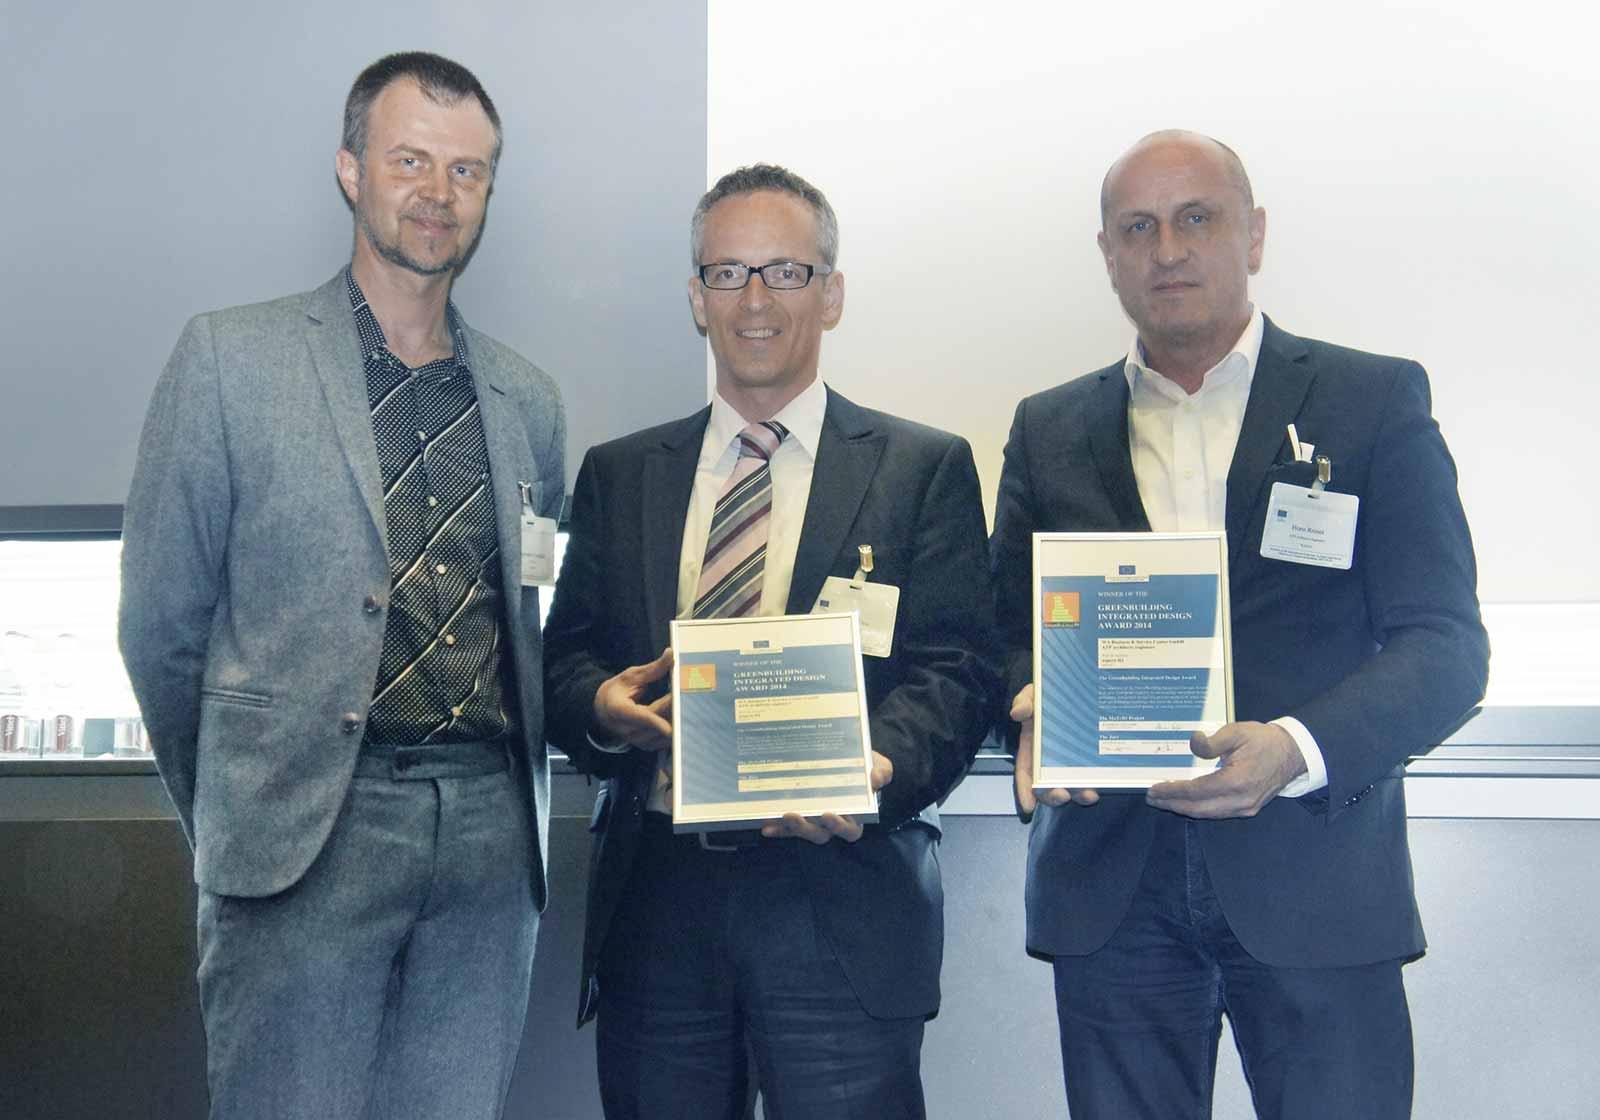 GreenBuilding Integrated Design Award